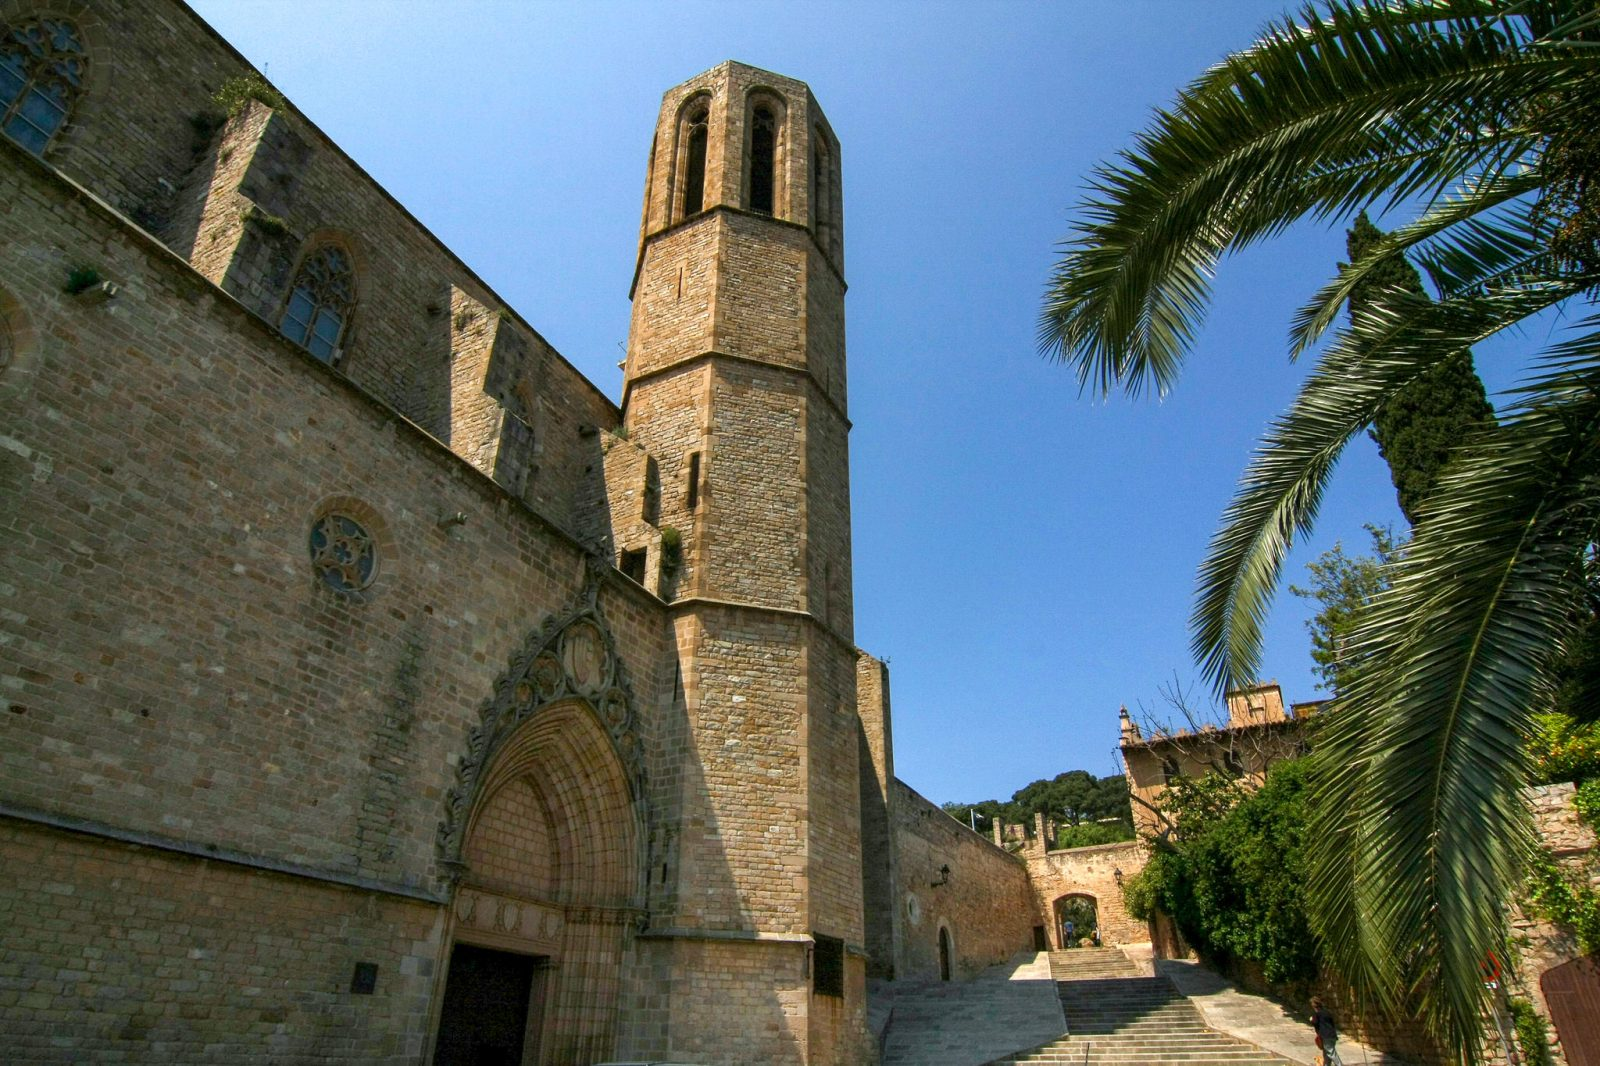 Церковь при монастыре (фото: Les Corts Les Corts)